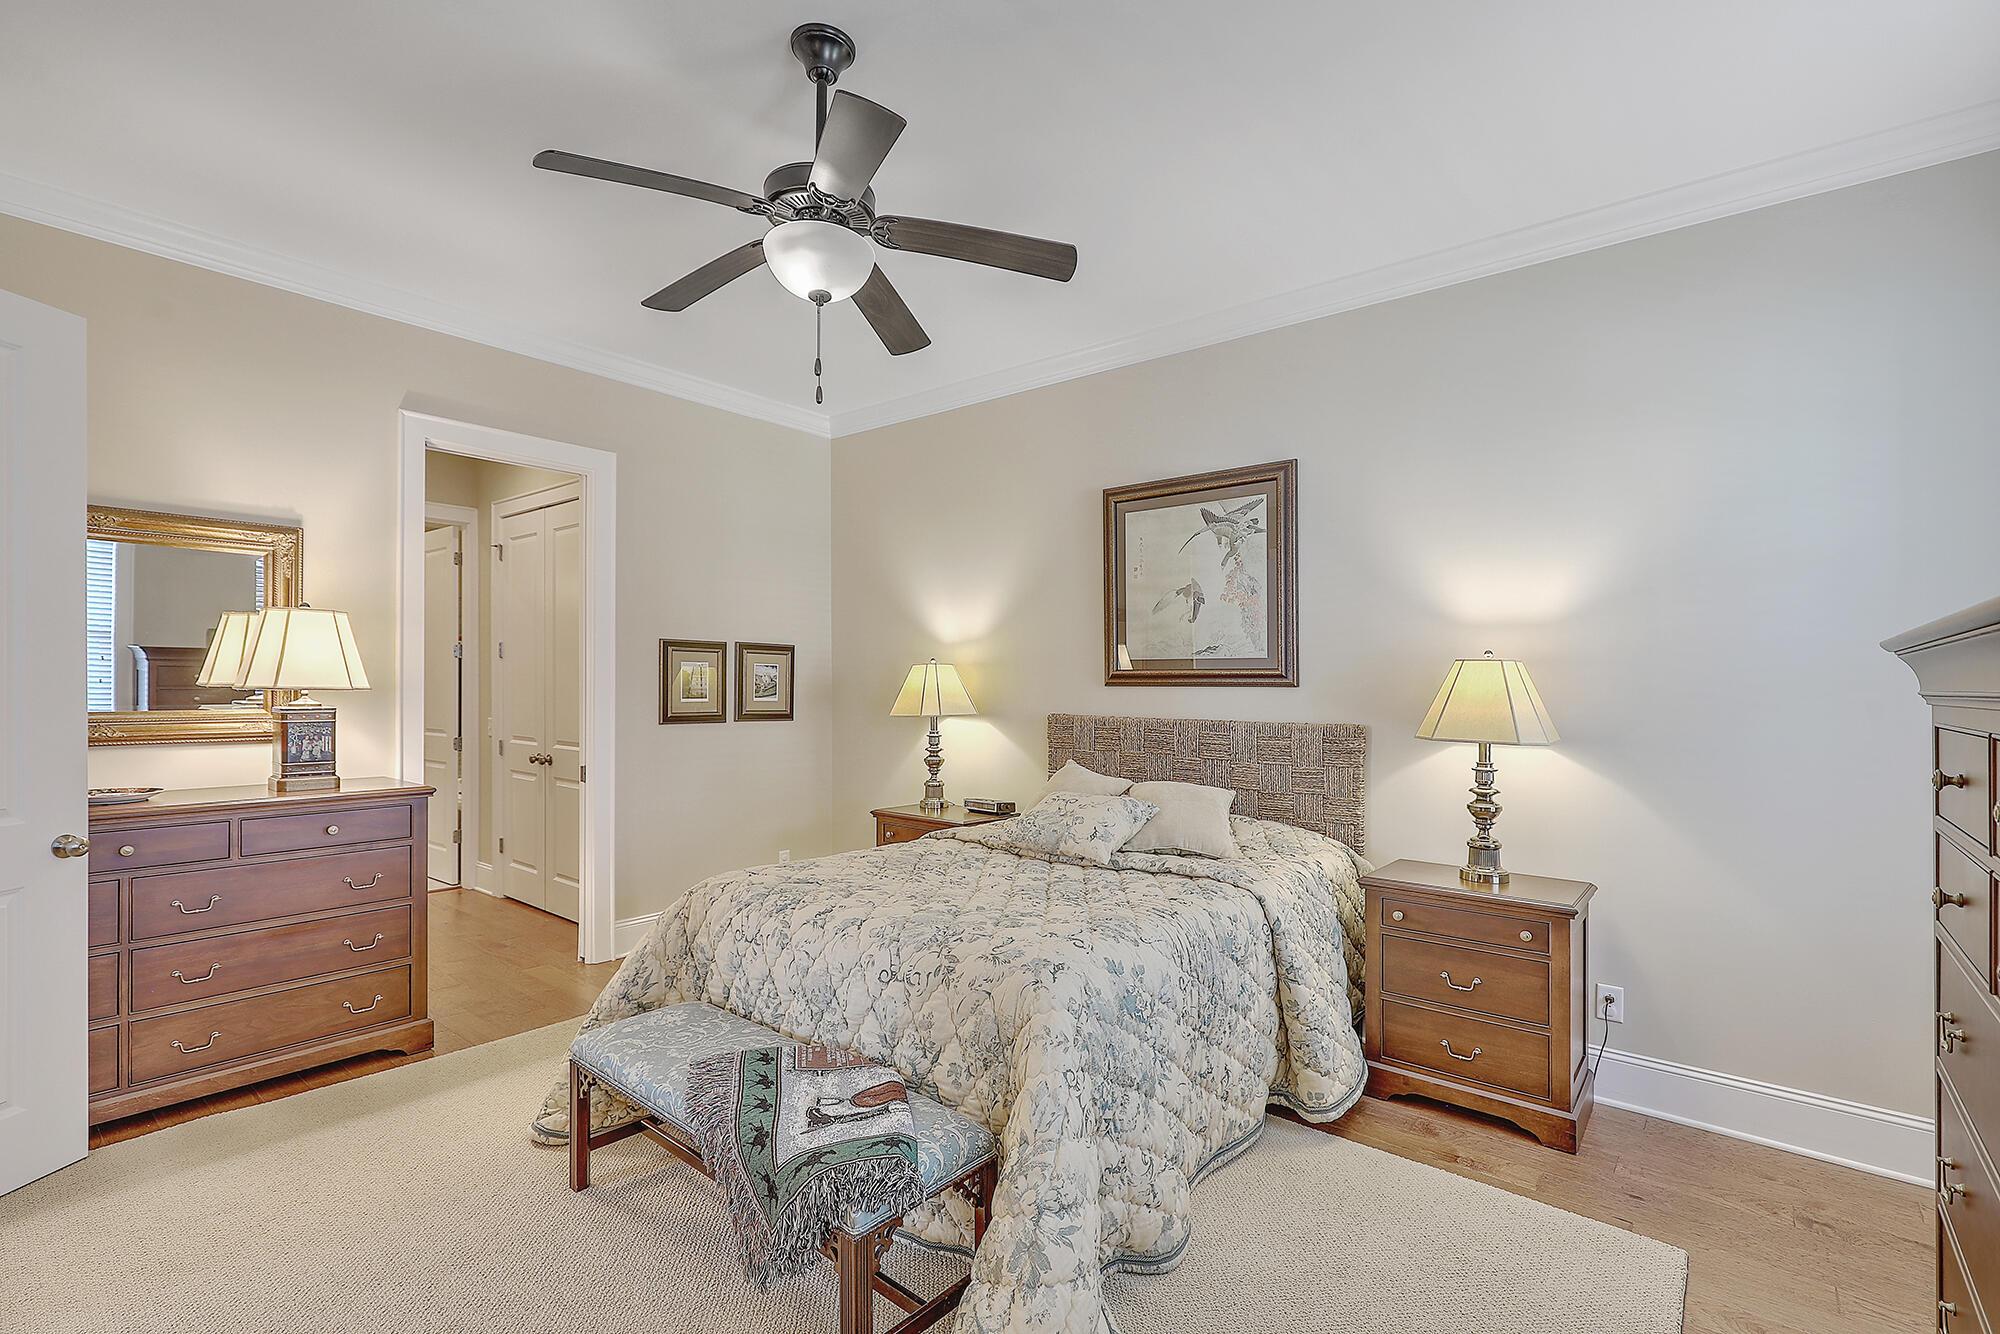 Dunes West Homes For Sale - 3171 Sturbridge, Mount Pleasant, SC - 46